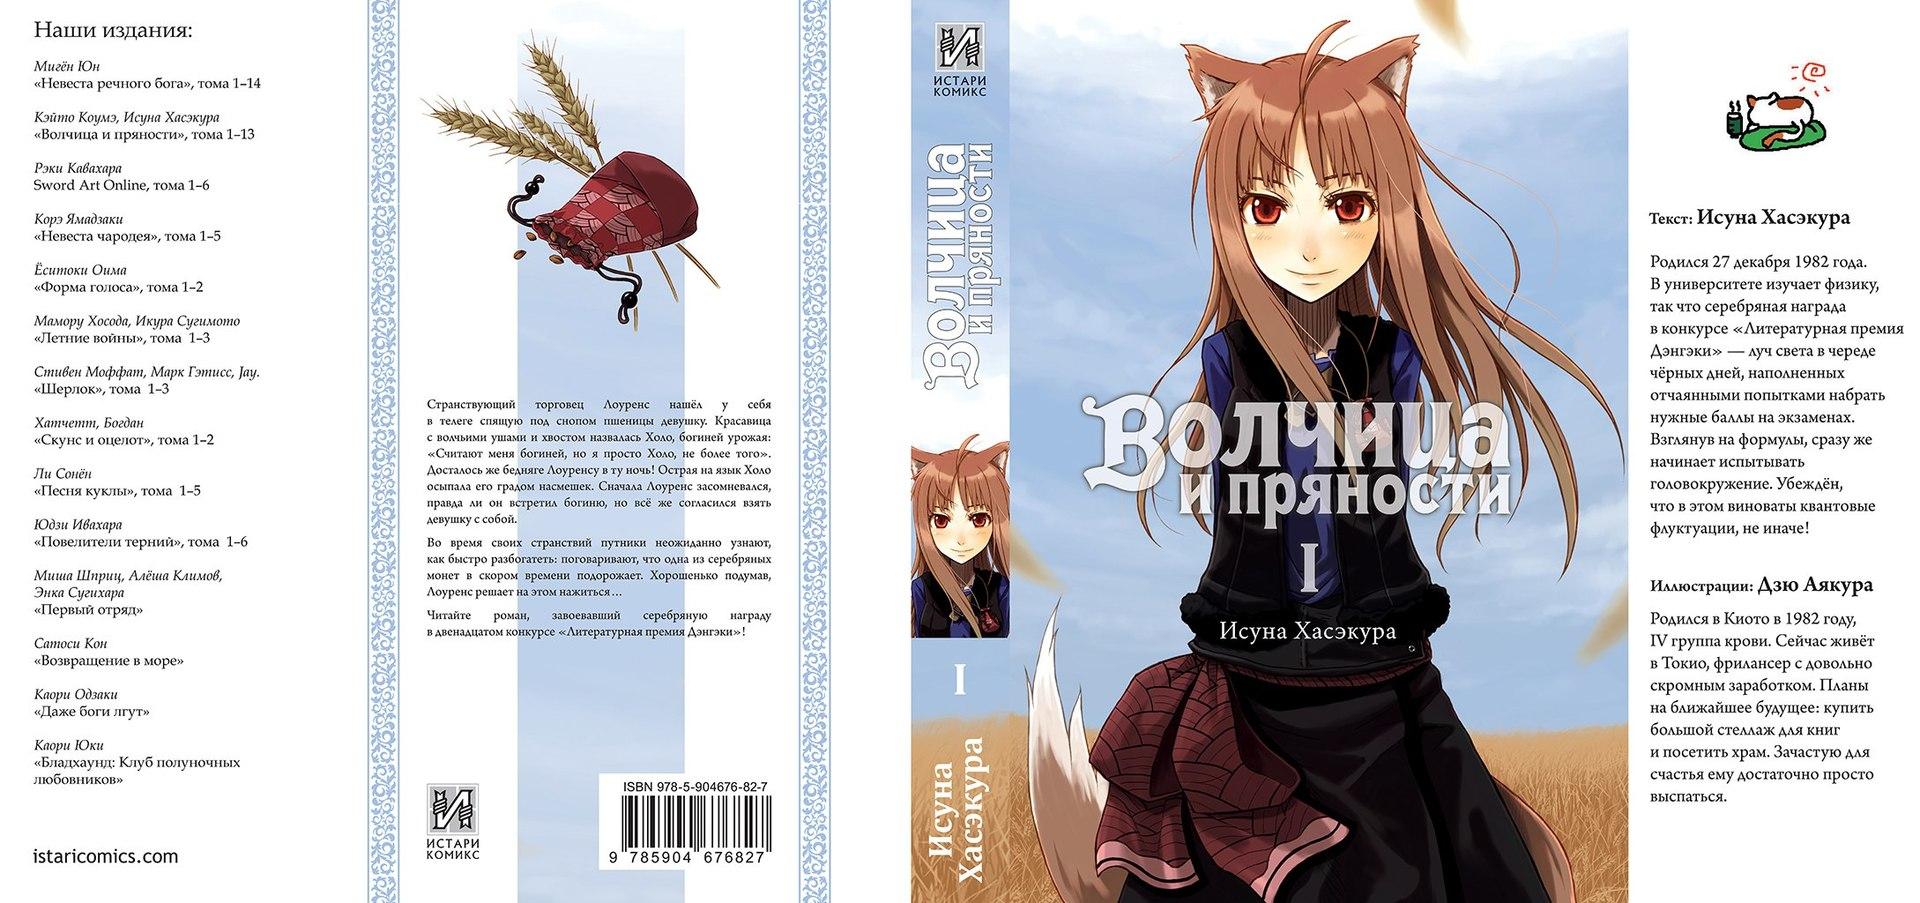 одно фото ранобэ волчица и пряности на русском брачная